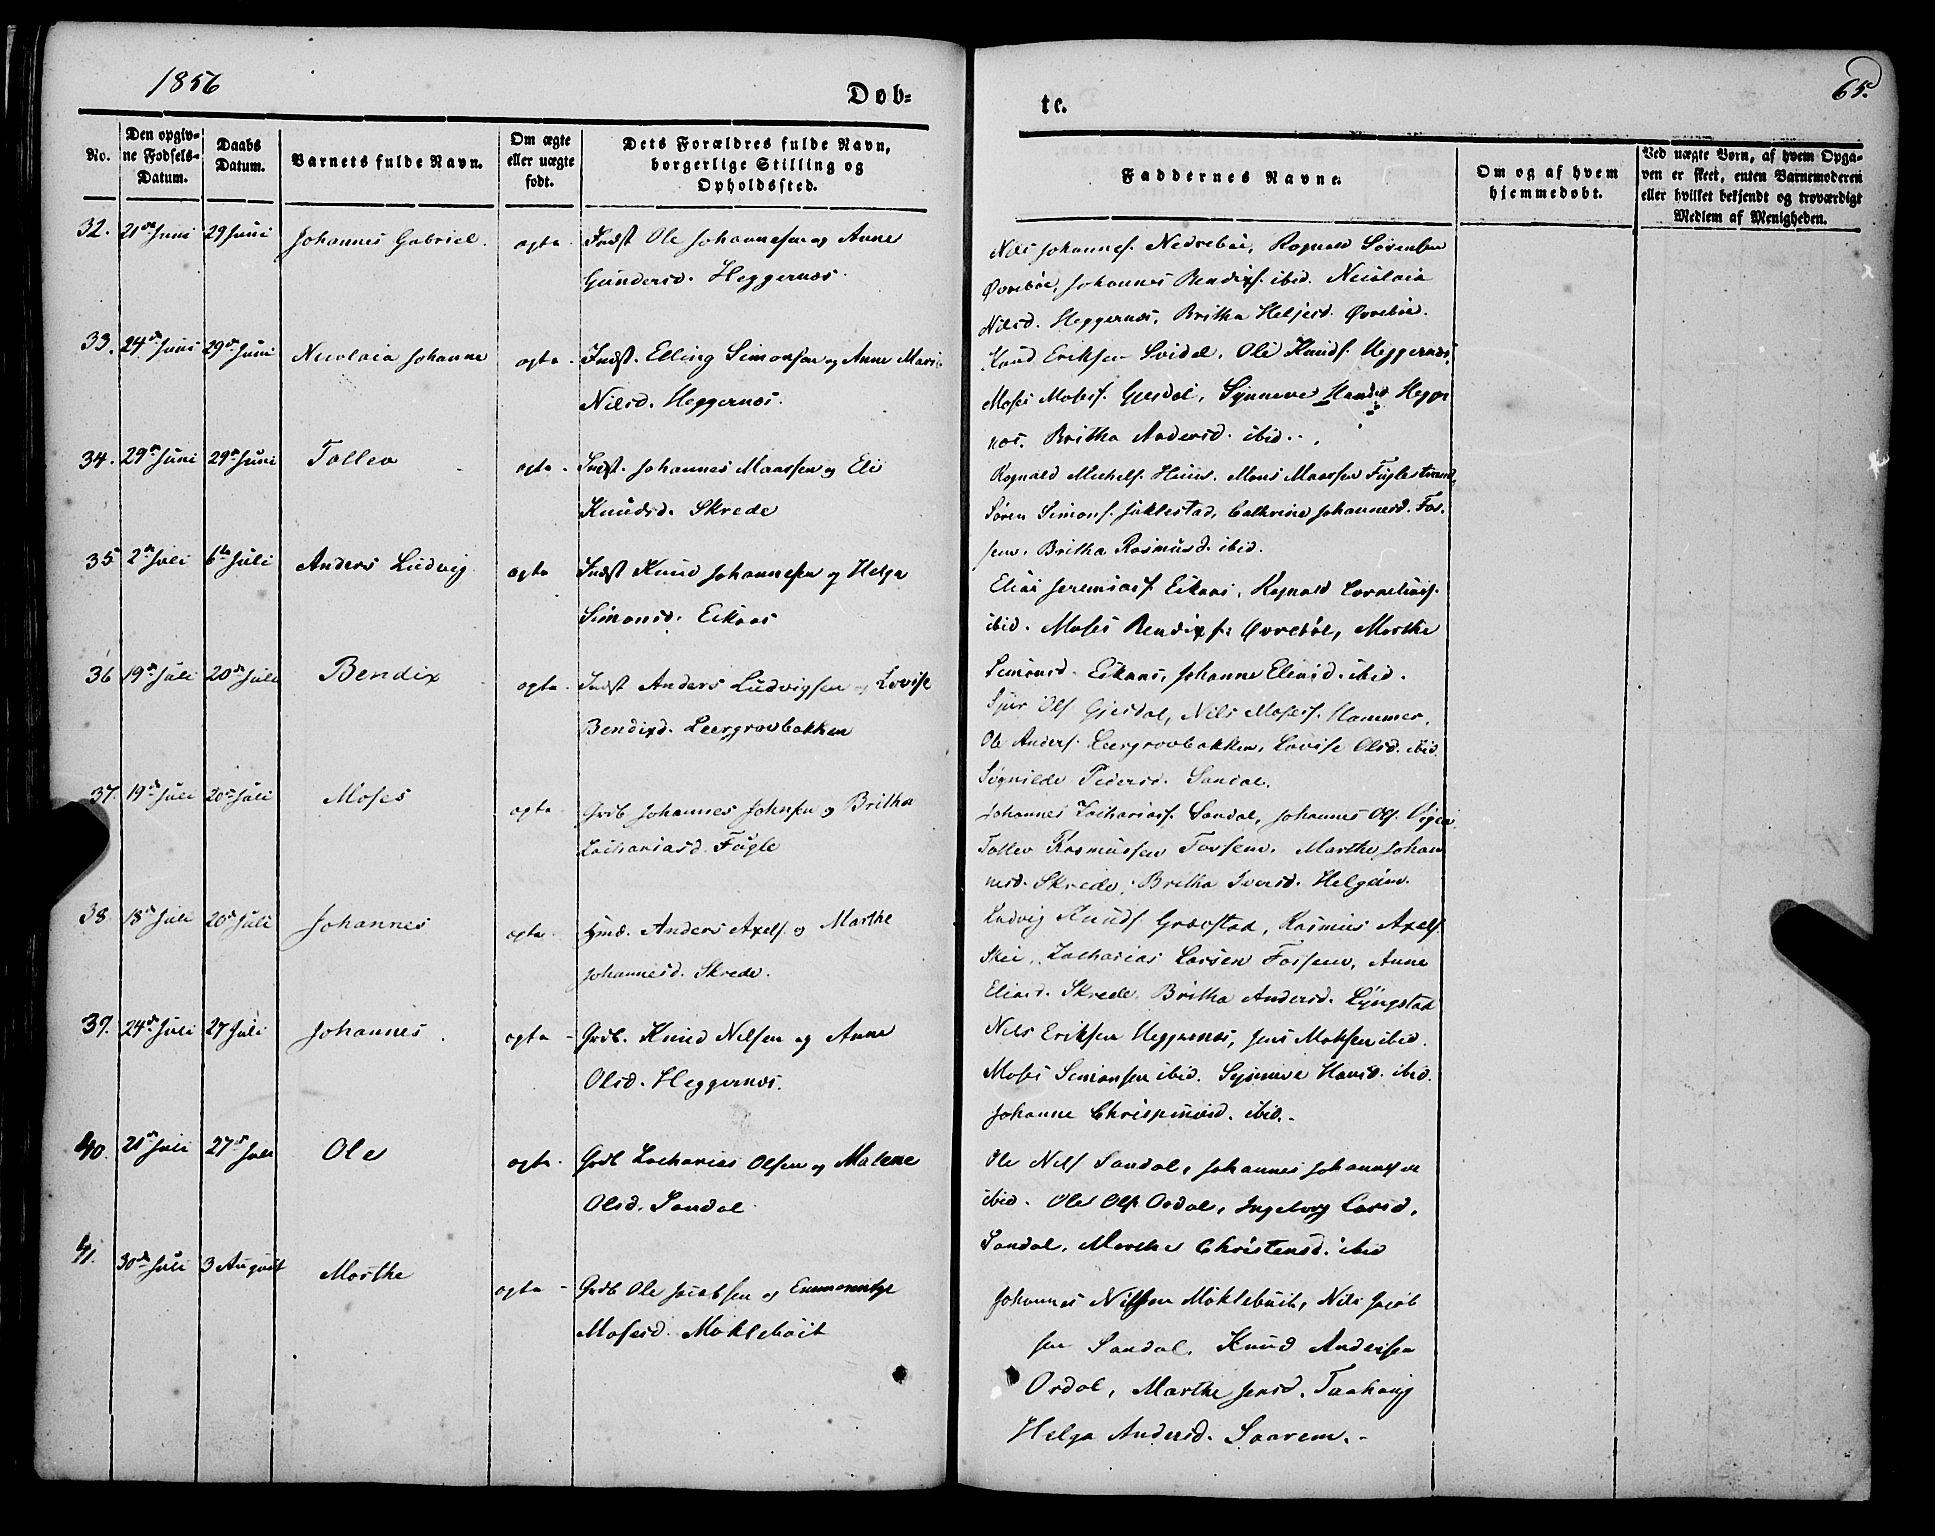 SAB, Jølster sokneprestembete, H/Haa/Haaa/L0010: Ministerialbok nr. A 10, 1847-1865, s. 65